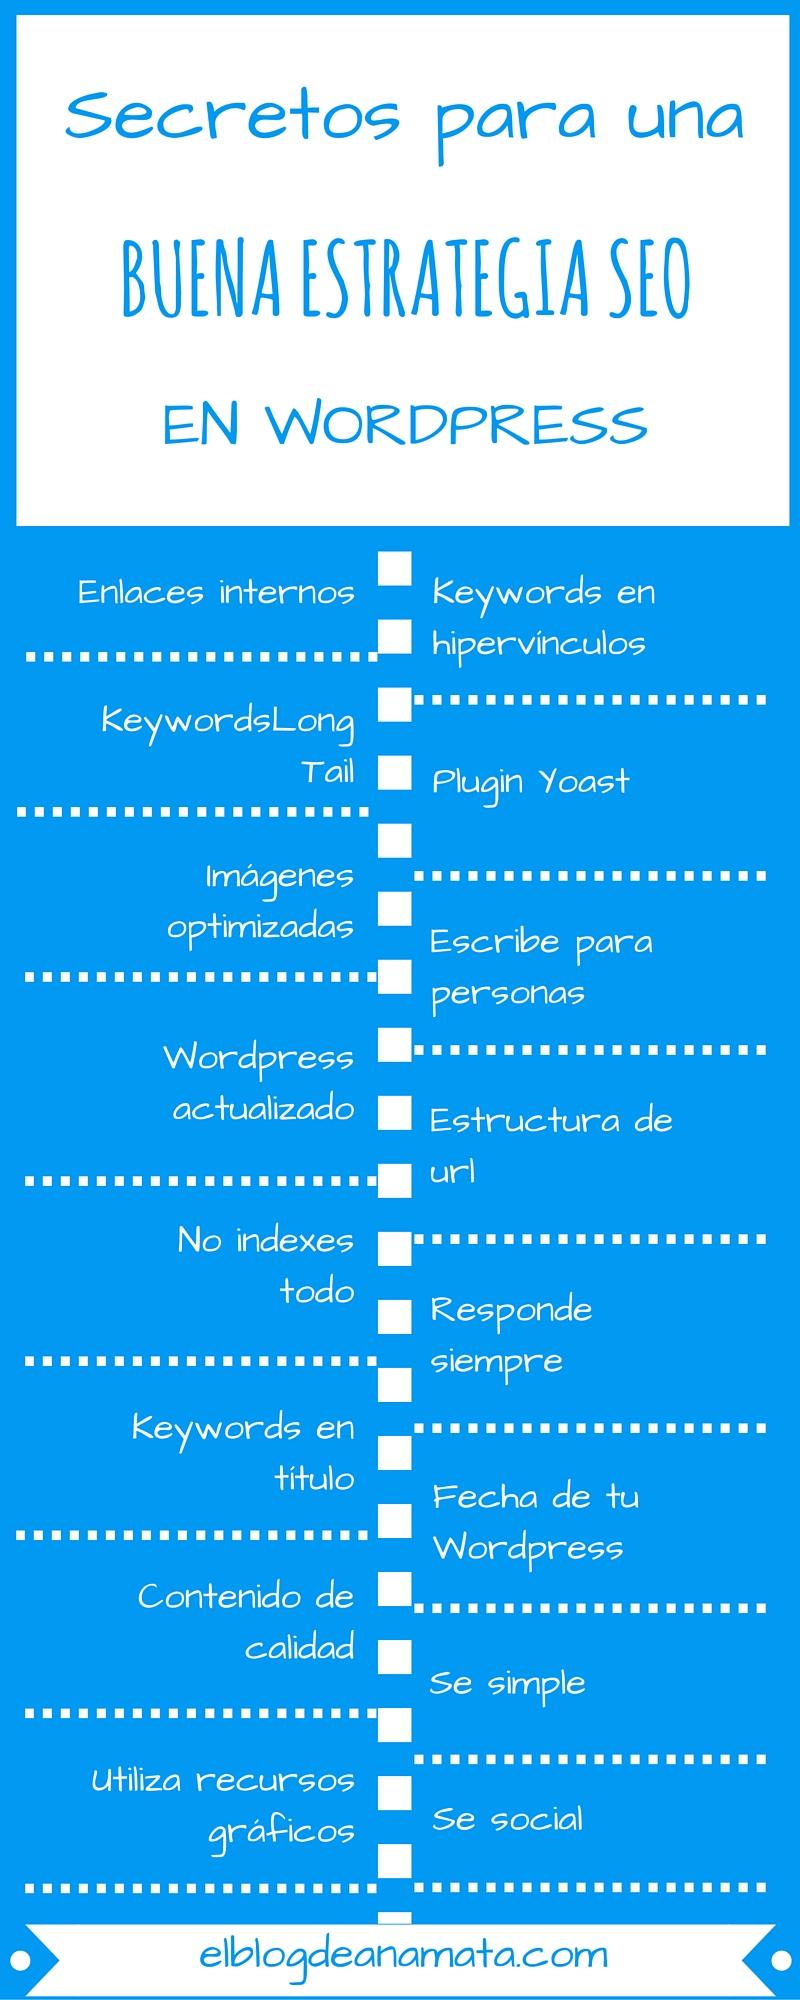 Cómo hacer una estrategia SEO exitosa en WordPress. INFOGRAFIA